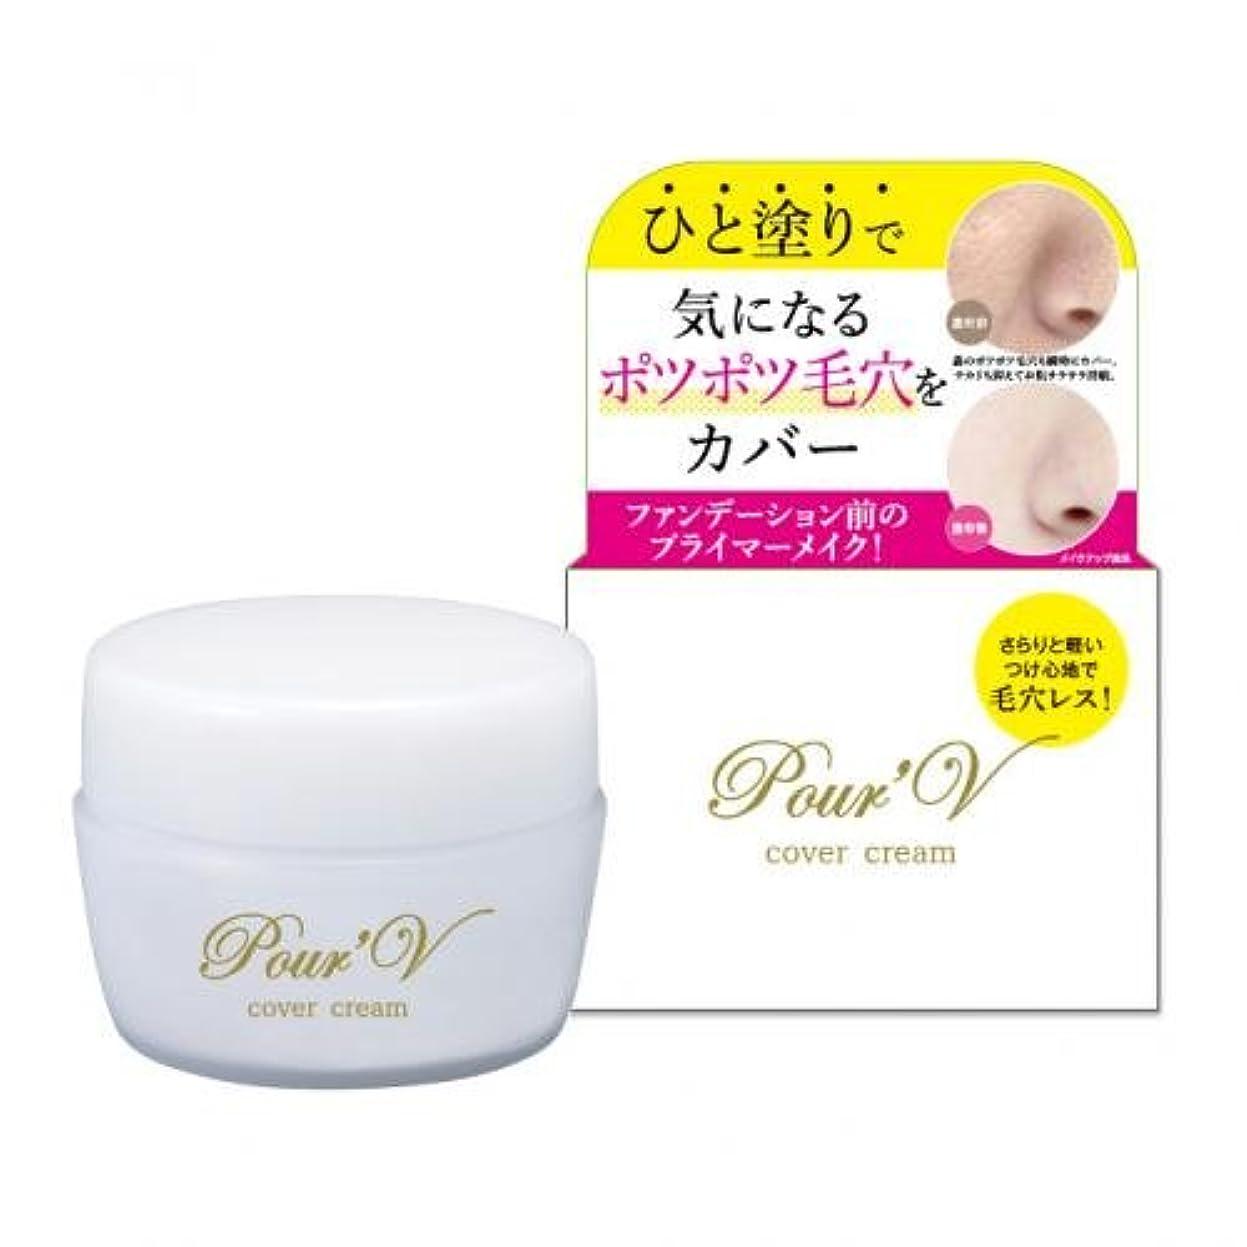 研磨剤常に極端なPour'V プレヴ cover cream